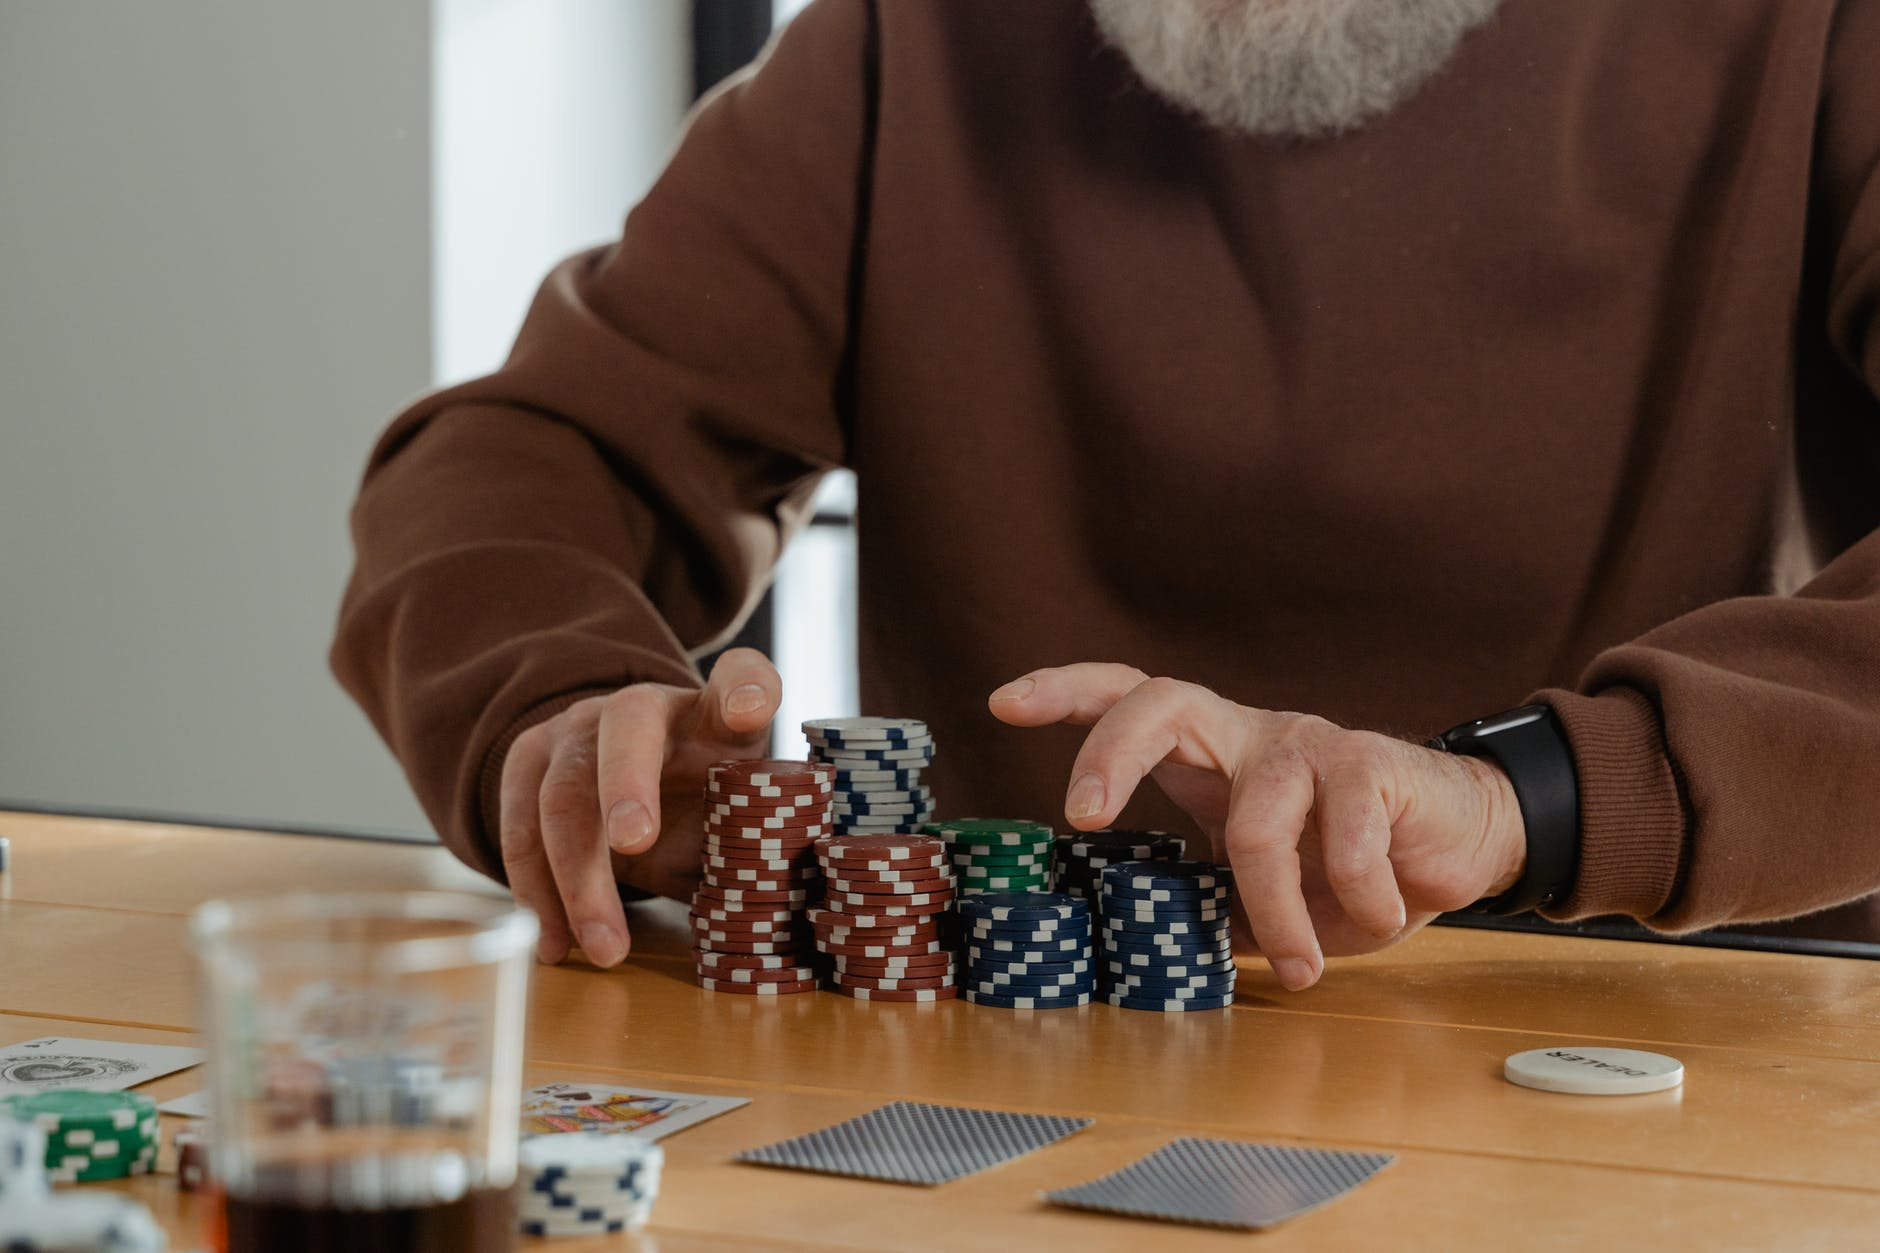 Pokerspil med jetoner